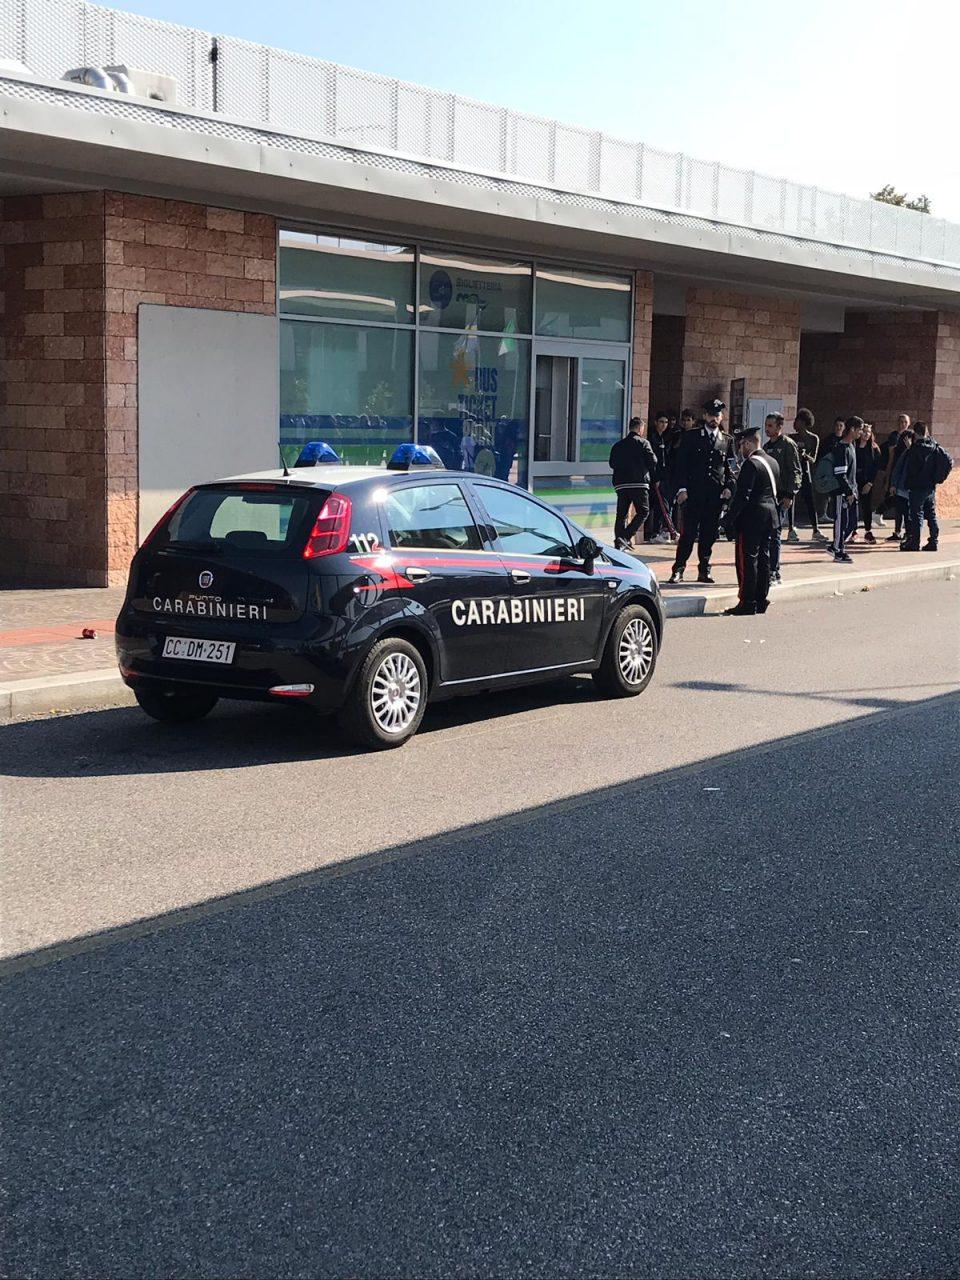 Cani antidroga sui bus veronesi, maxi operazione dei carabinieri contro lo spaccio